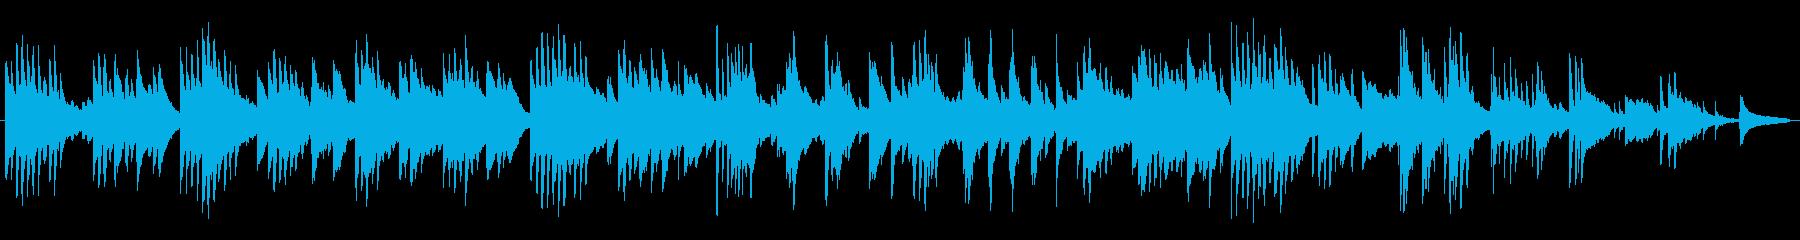 優しい木漏れ日のようなピアノBGMの再生済みの波形